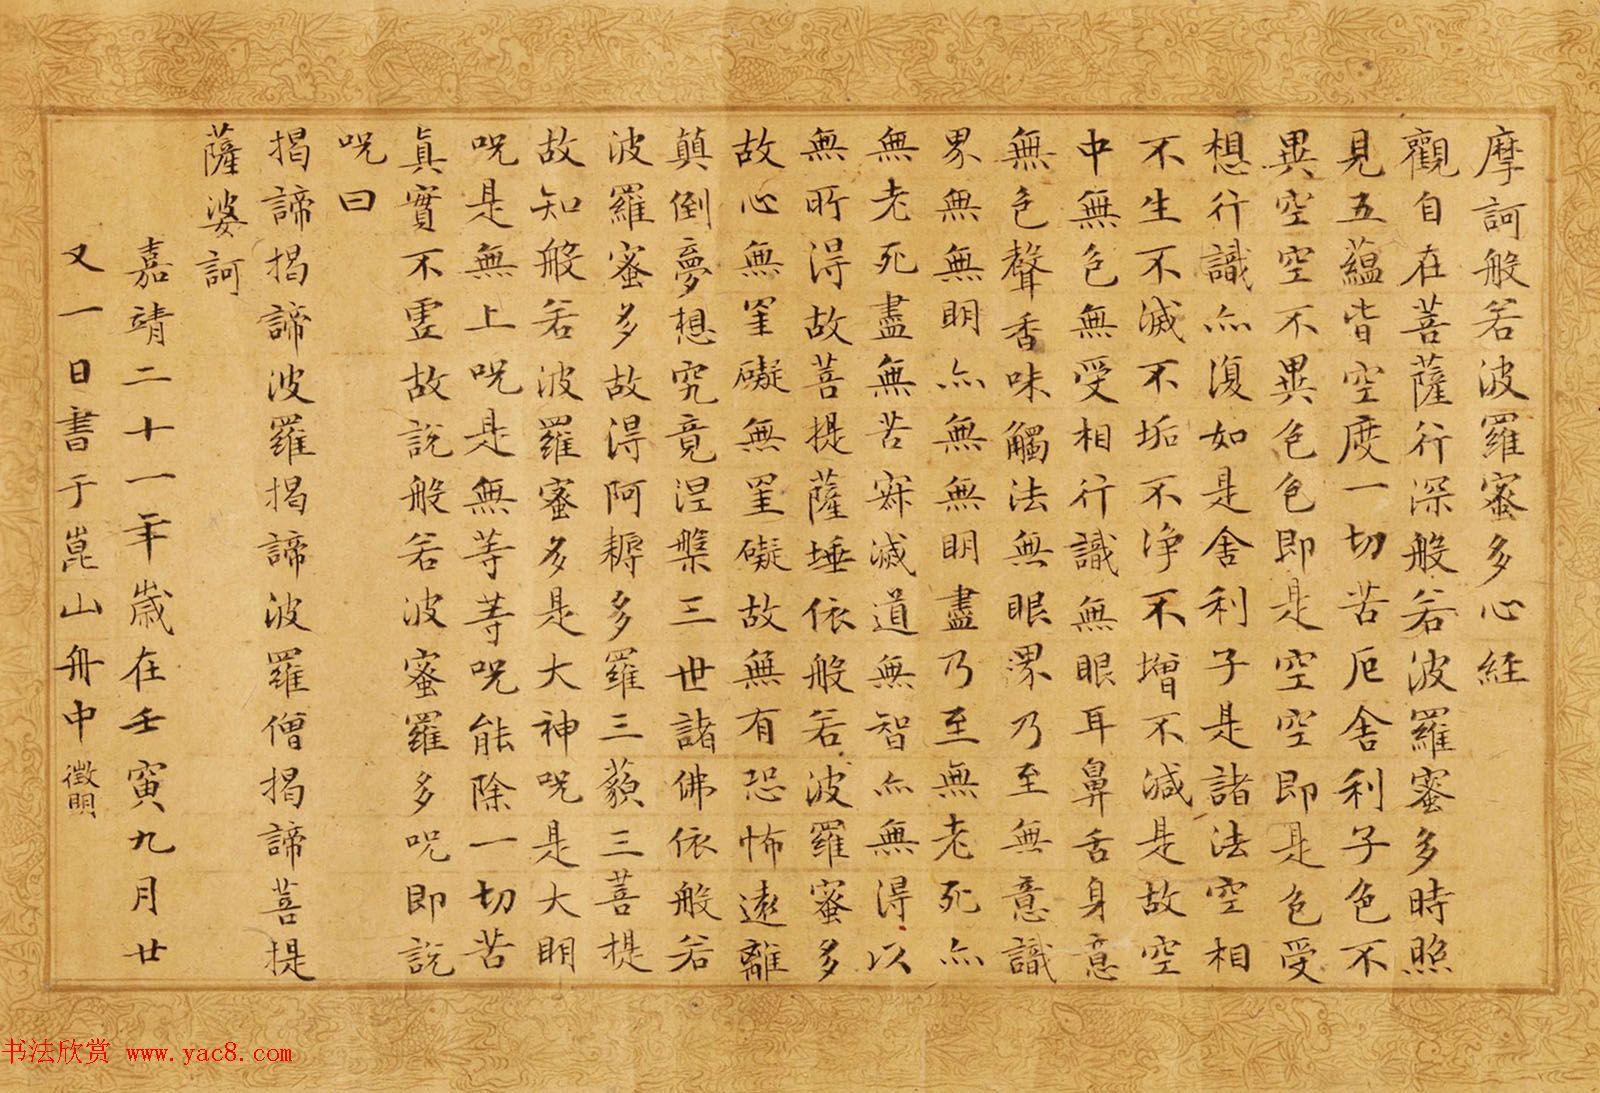 文徵明73岁小楷书法《摩诃般若波罗蜜多心经》